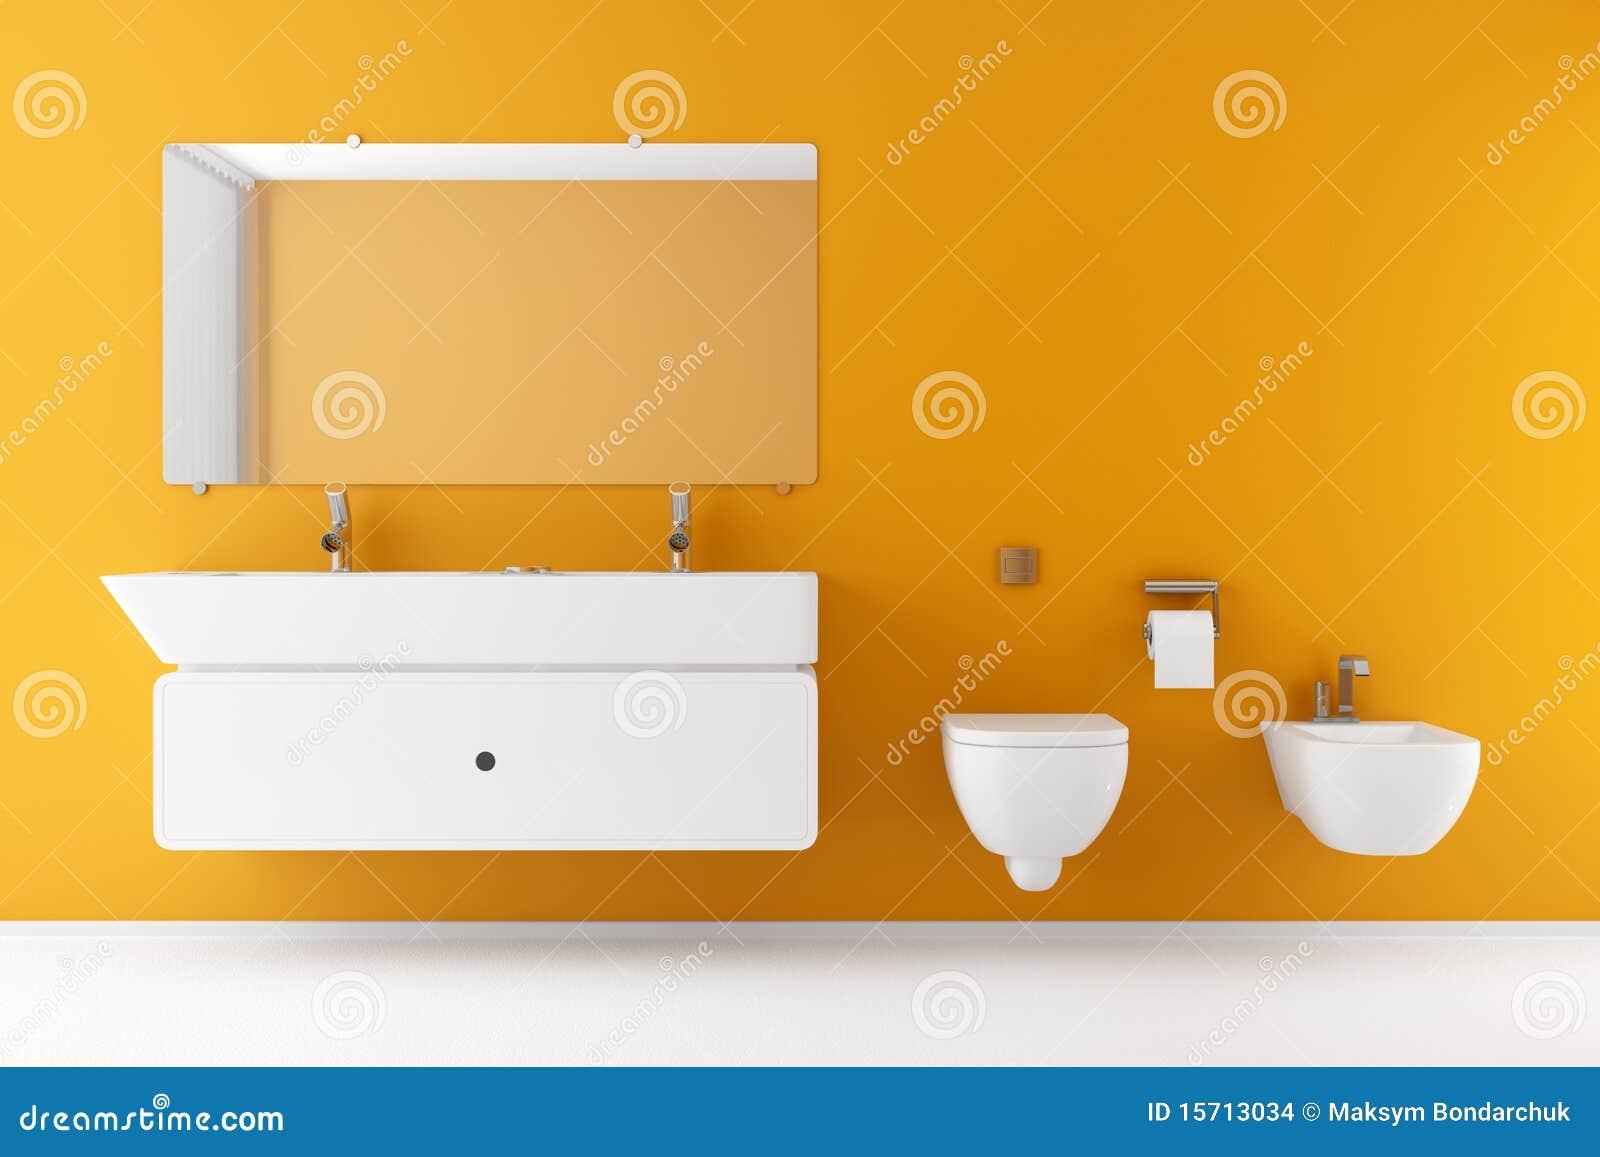 Modernes Badezimmer Mit Orange Wand